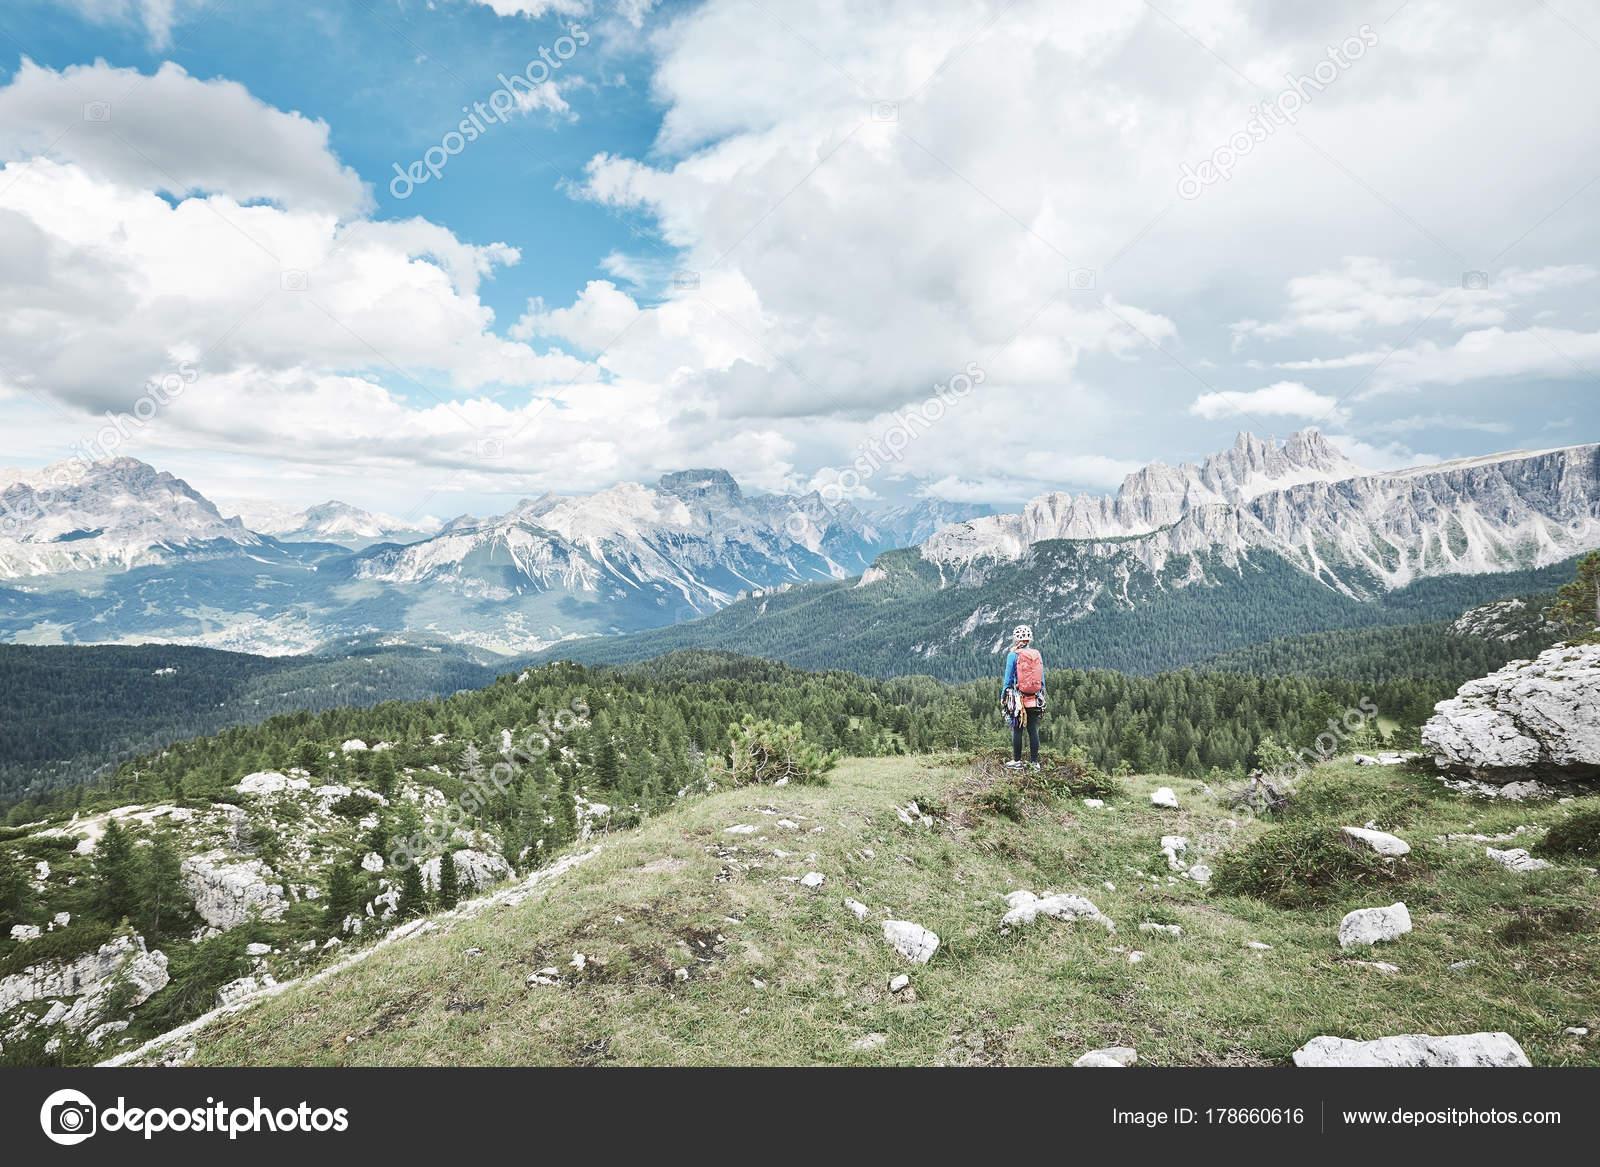 Kletterausrüstung Zug : Bergsteiger vor aufstieg u2014 stockfoto © furtaev #178660616